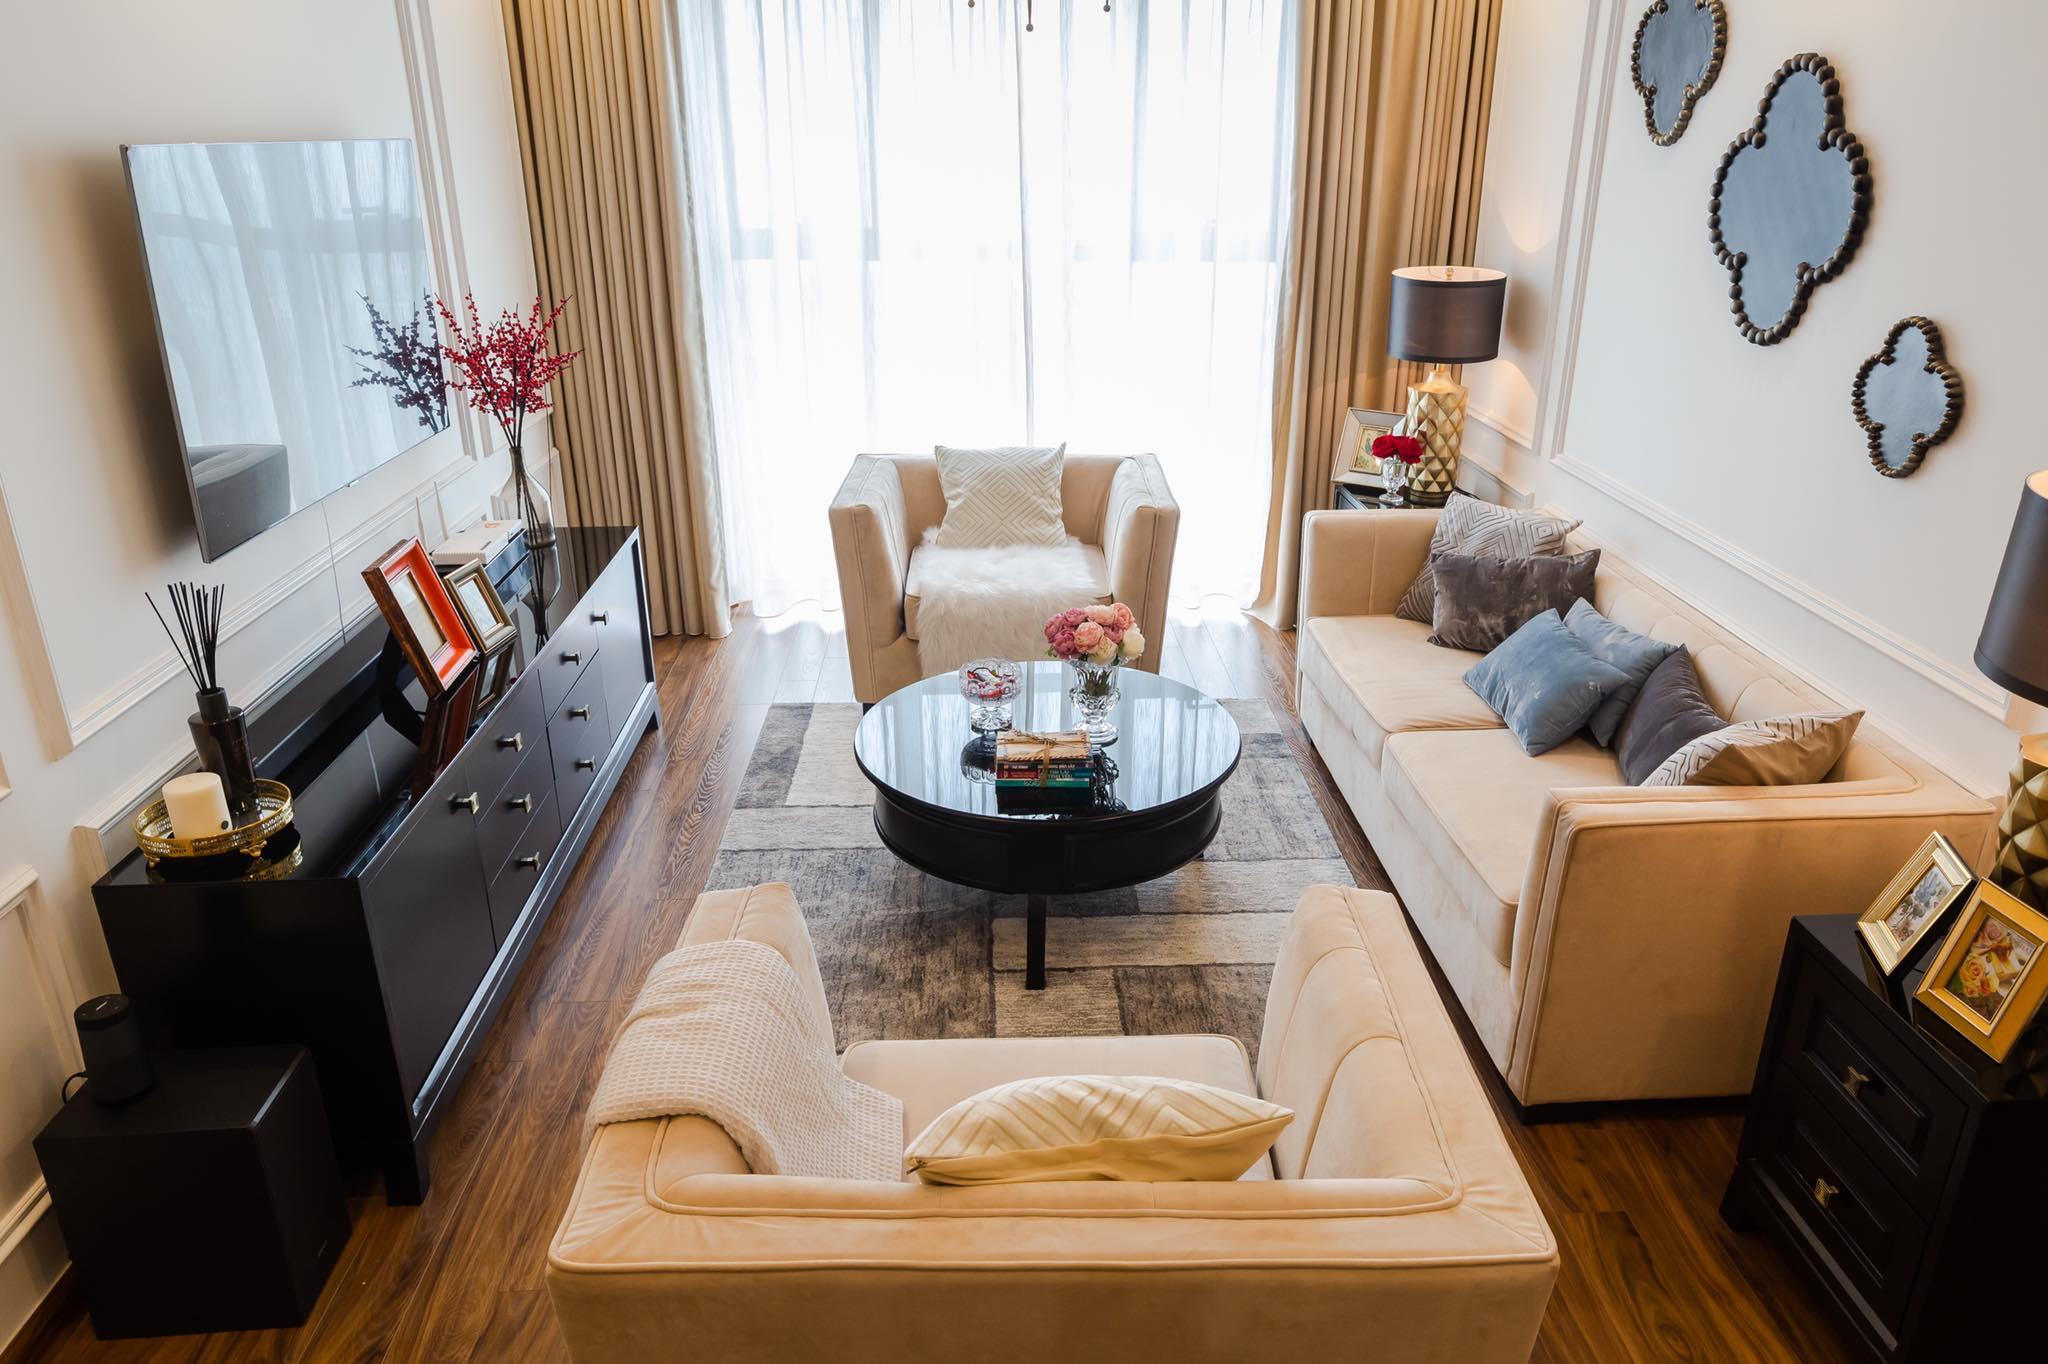 Một căn hộ 70m2 theo phong cách tân cổ điển vẫn thoáng đãng nhờ sử dụng các nội thất đơn giản. Ảnh: FHouse interior.